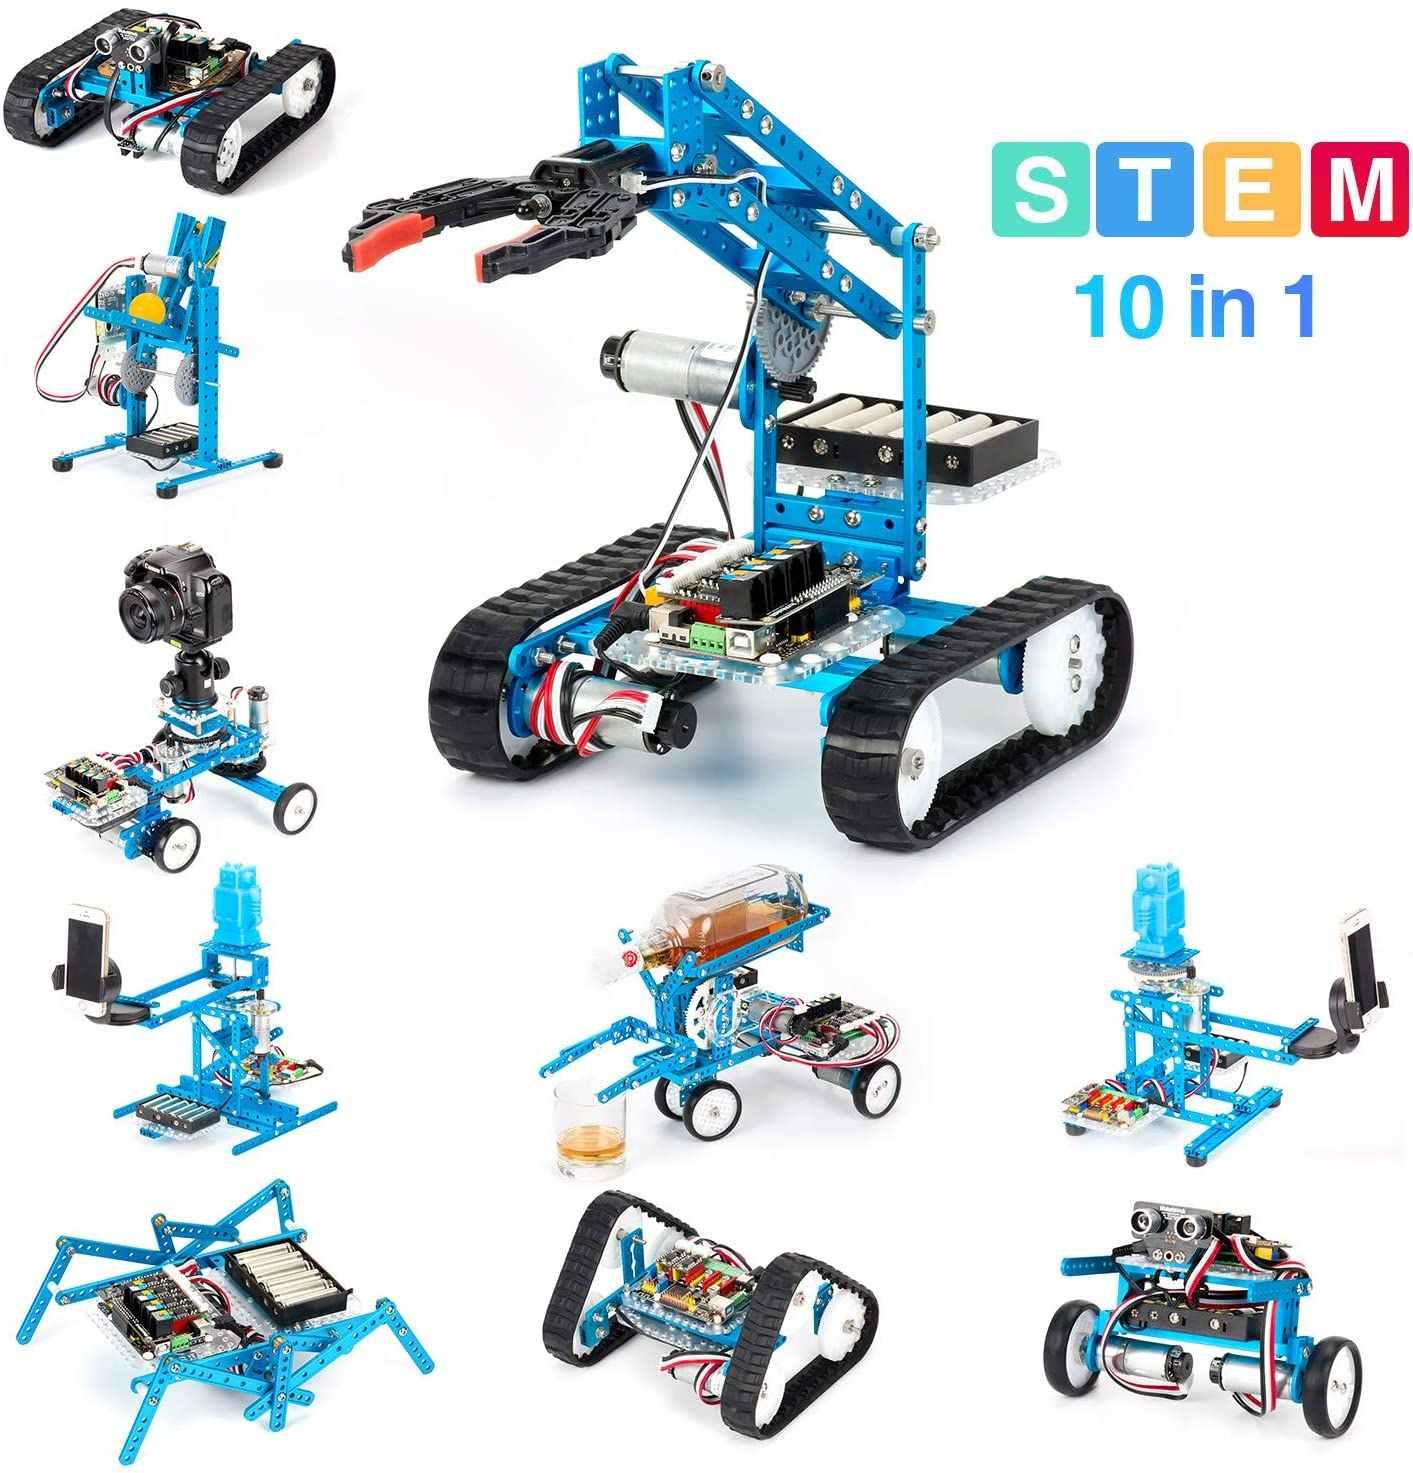 Makeblock diy 究極ロボットキット-プレミアム品質-10 イン 1 ロボット幹教育 megapi アンチスクラッチ 2.0 子供のための、年齢 14 +